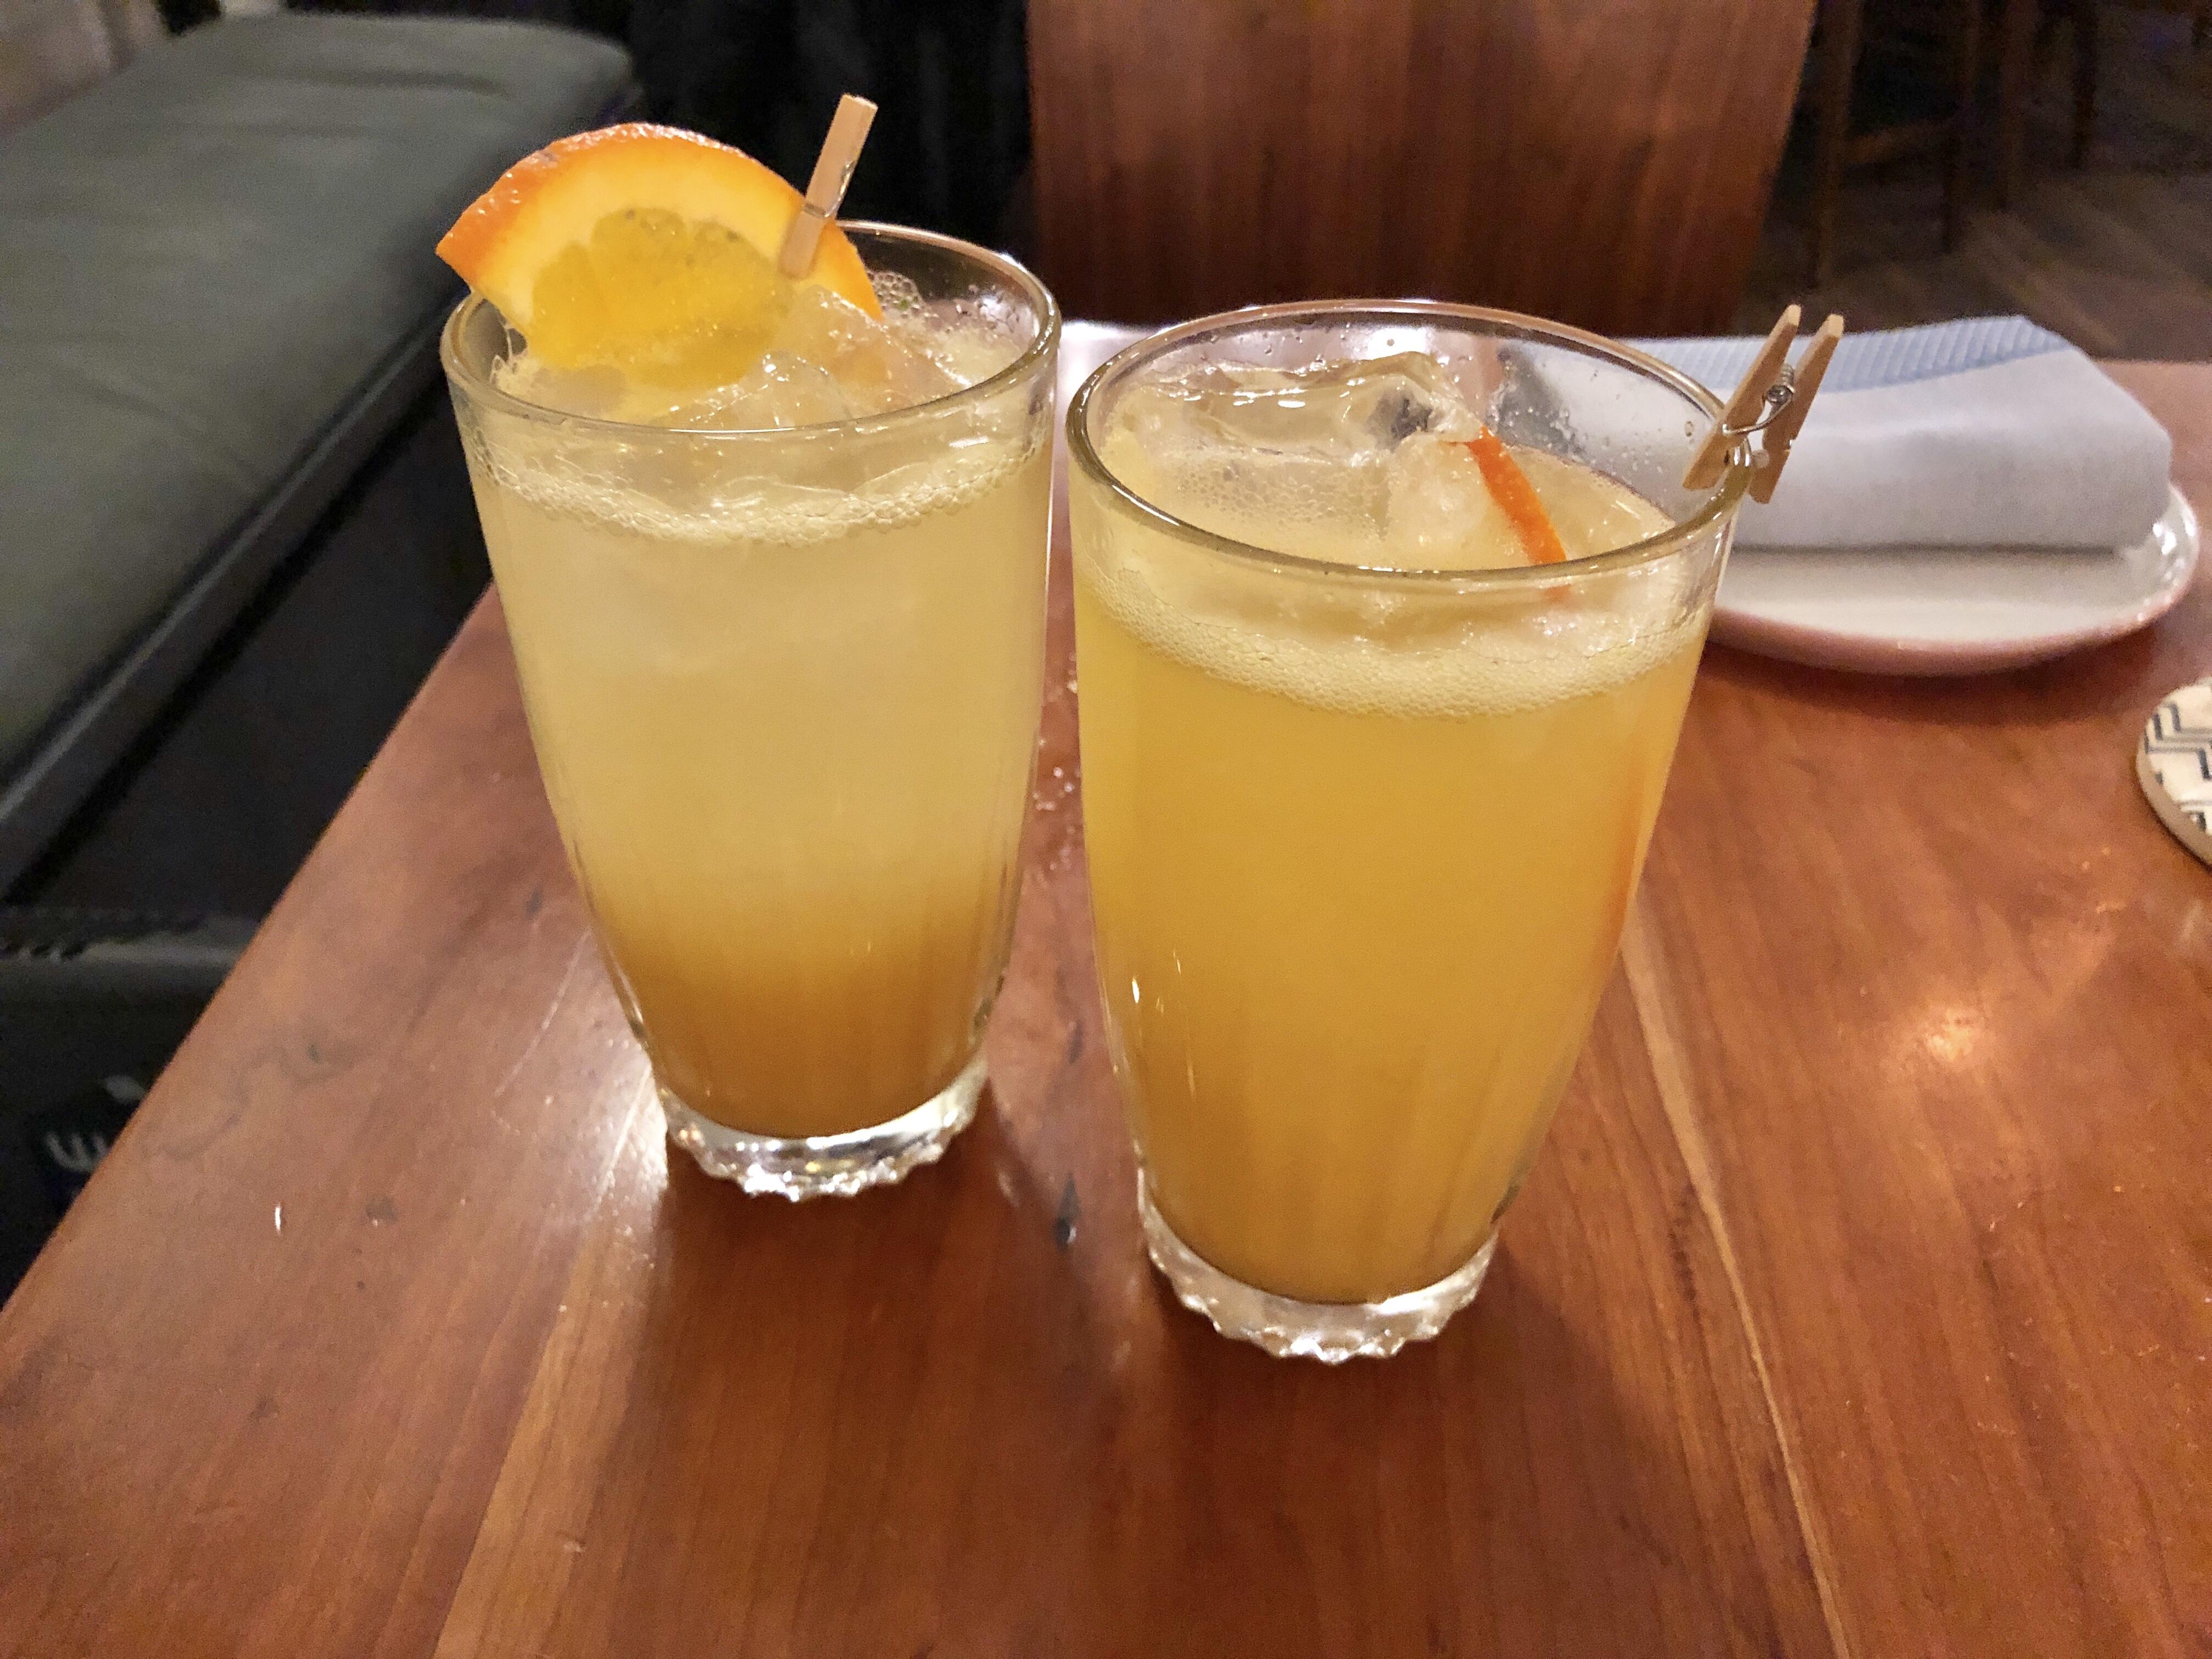 Orange Ginger cocktails at Himitsu restaurant in Petworth, DC